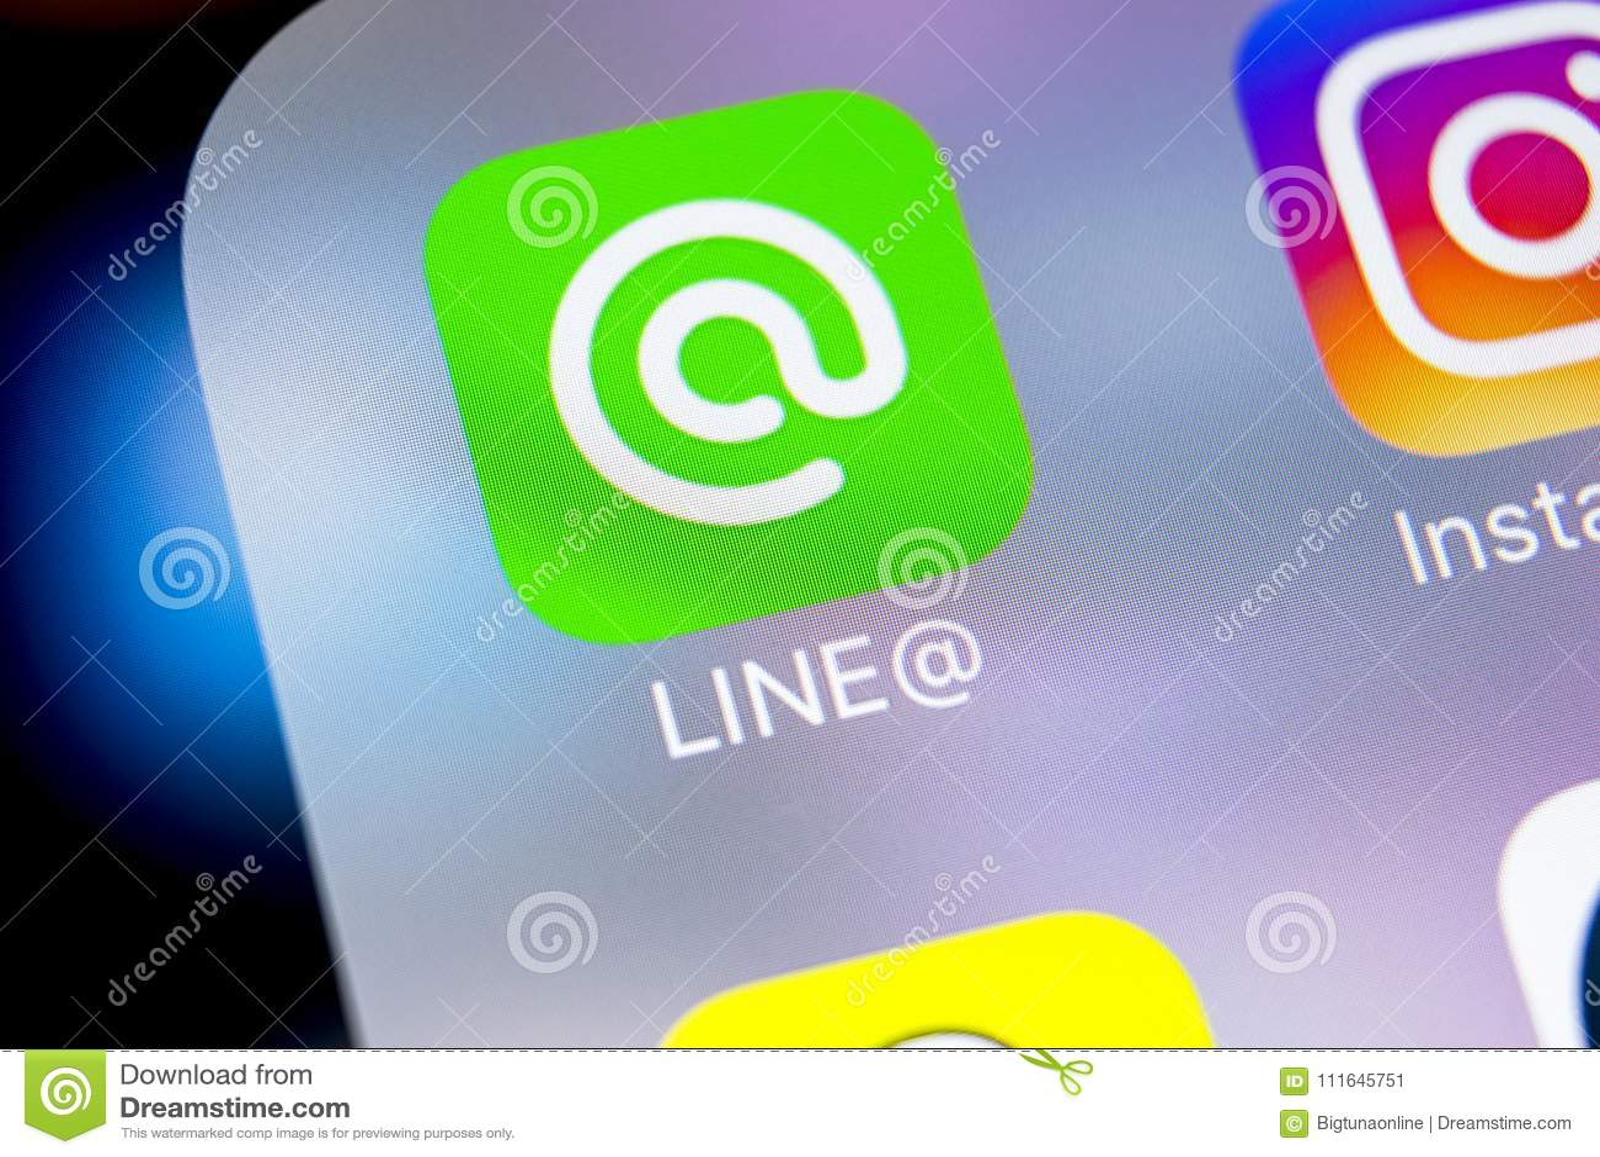 Online social app